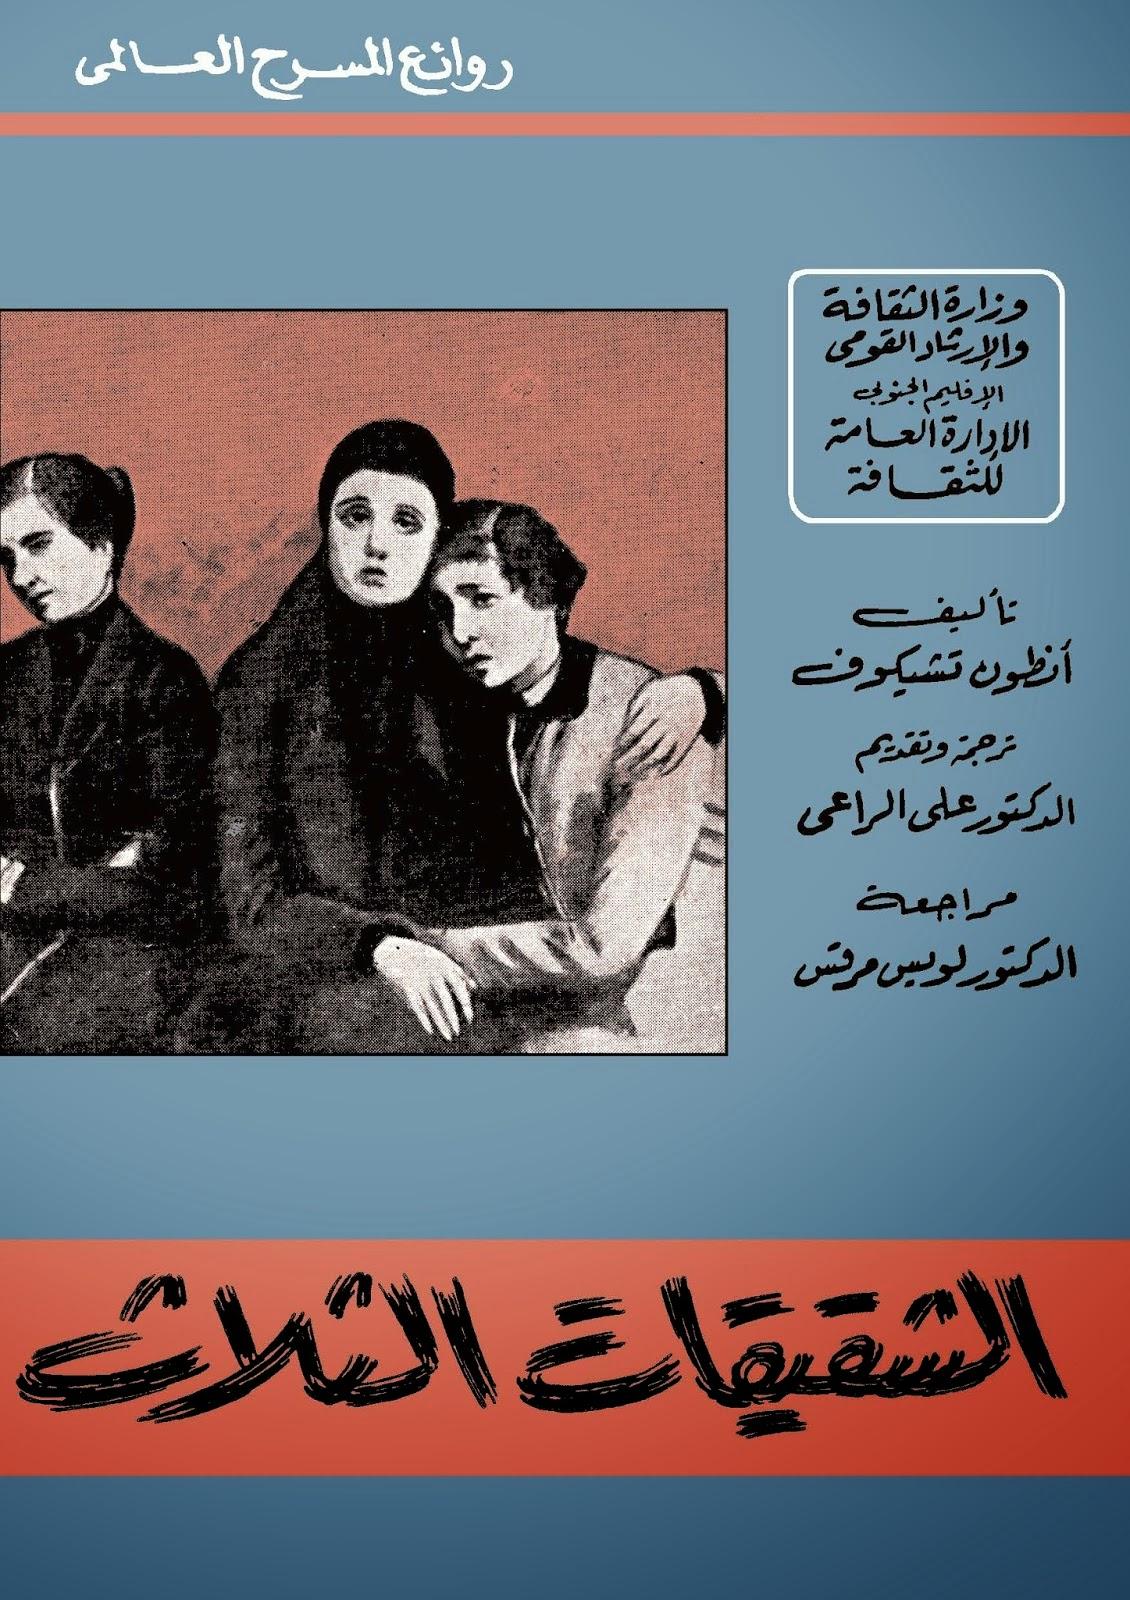 مسرحية الشقيقات الثلاث لـ أنطون تشيخوف